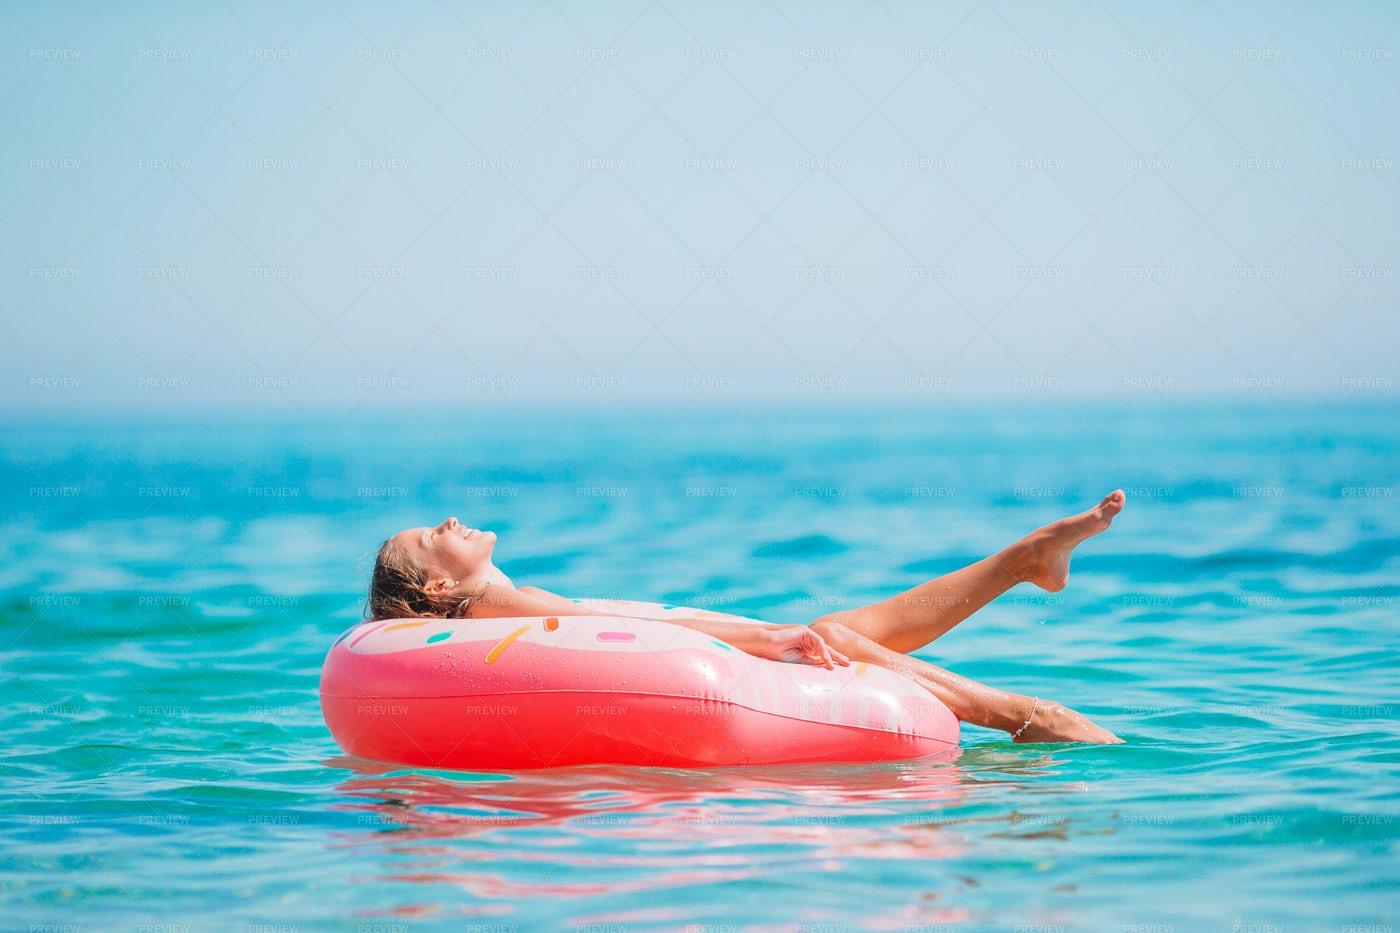 Girl On A Floaty: Stock Photos